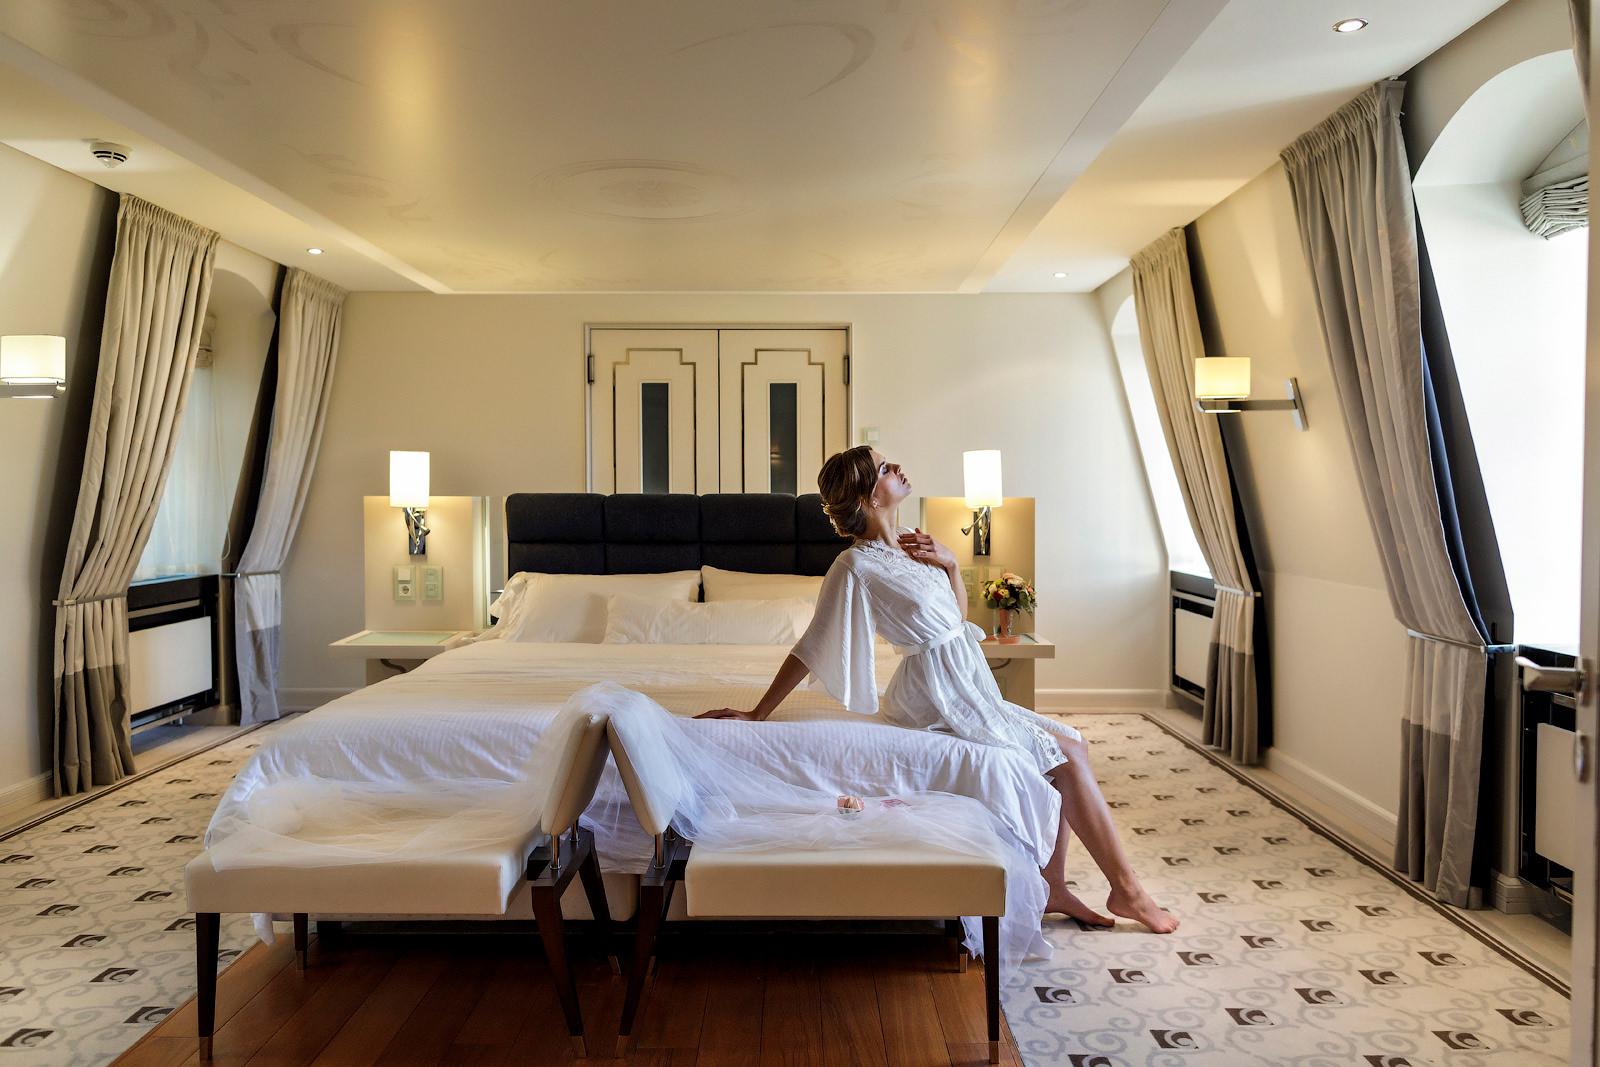 Ideen für ein Braut-Boudoir Fotoshooting im luxuriösen Hotelzimmer.